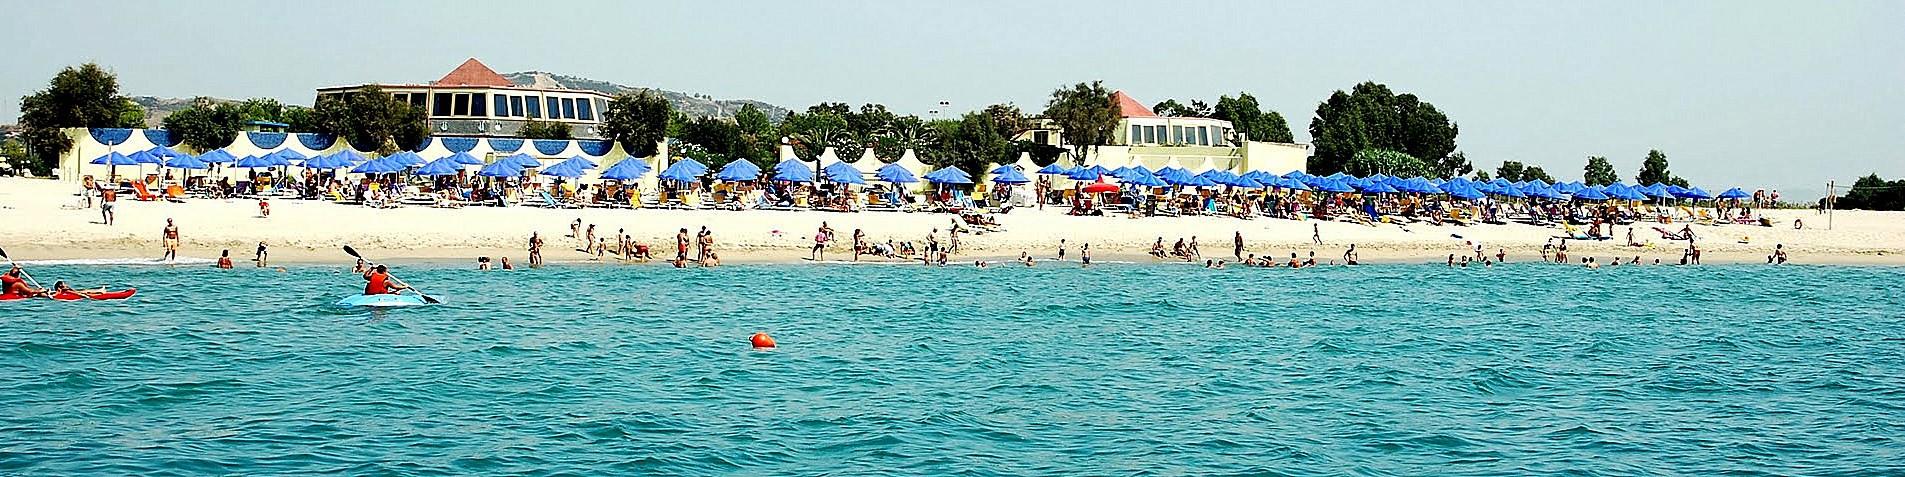 Belcastro Marina, pláž před Nirvana Club Village